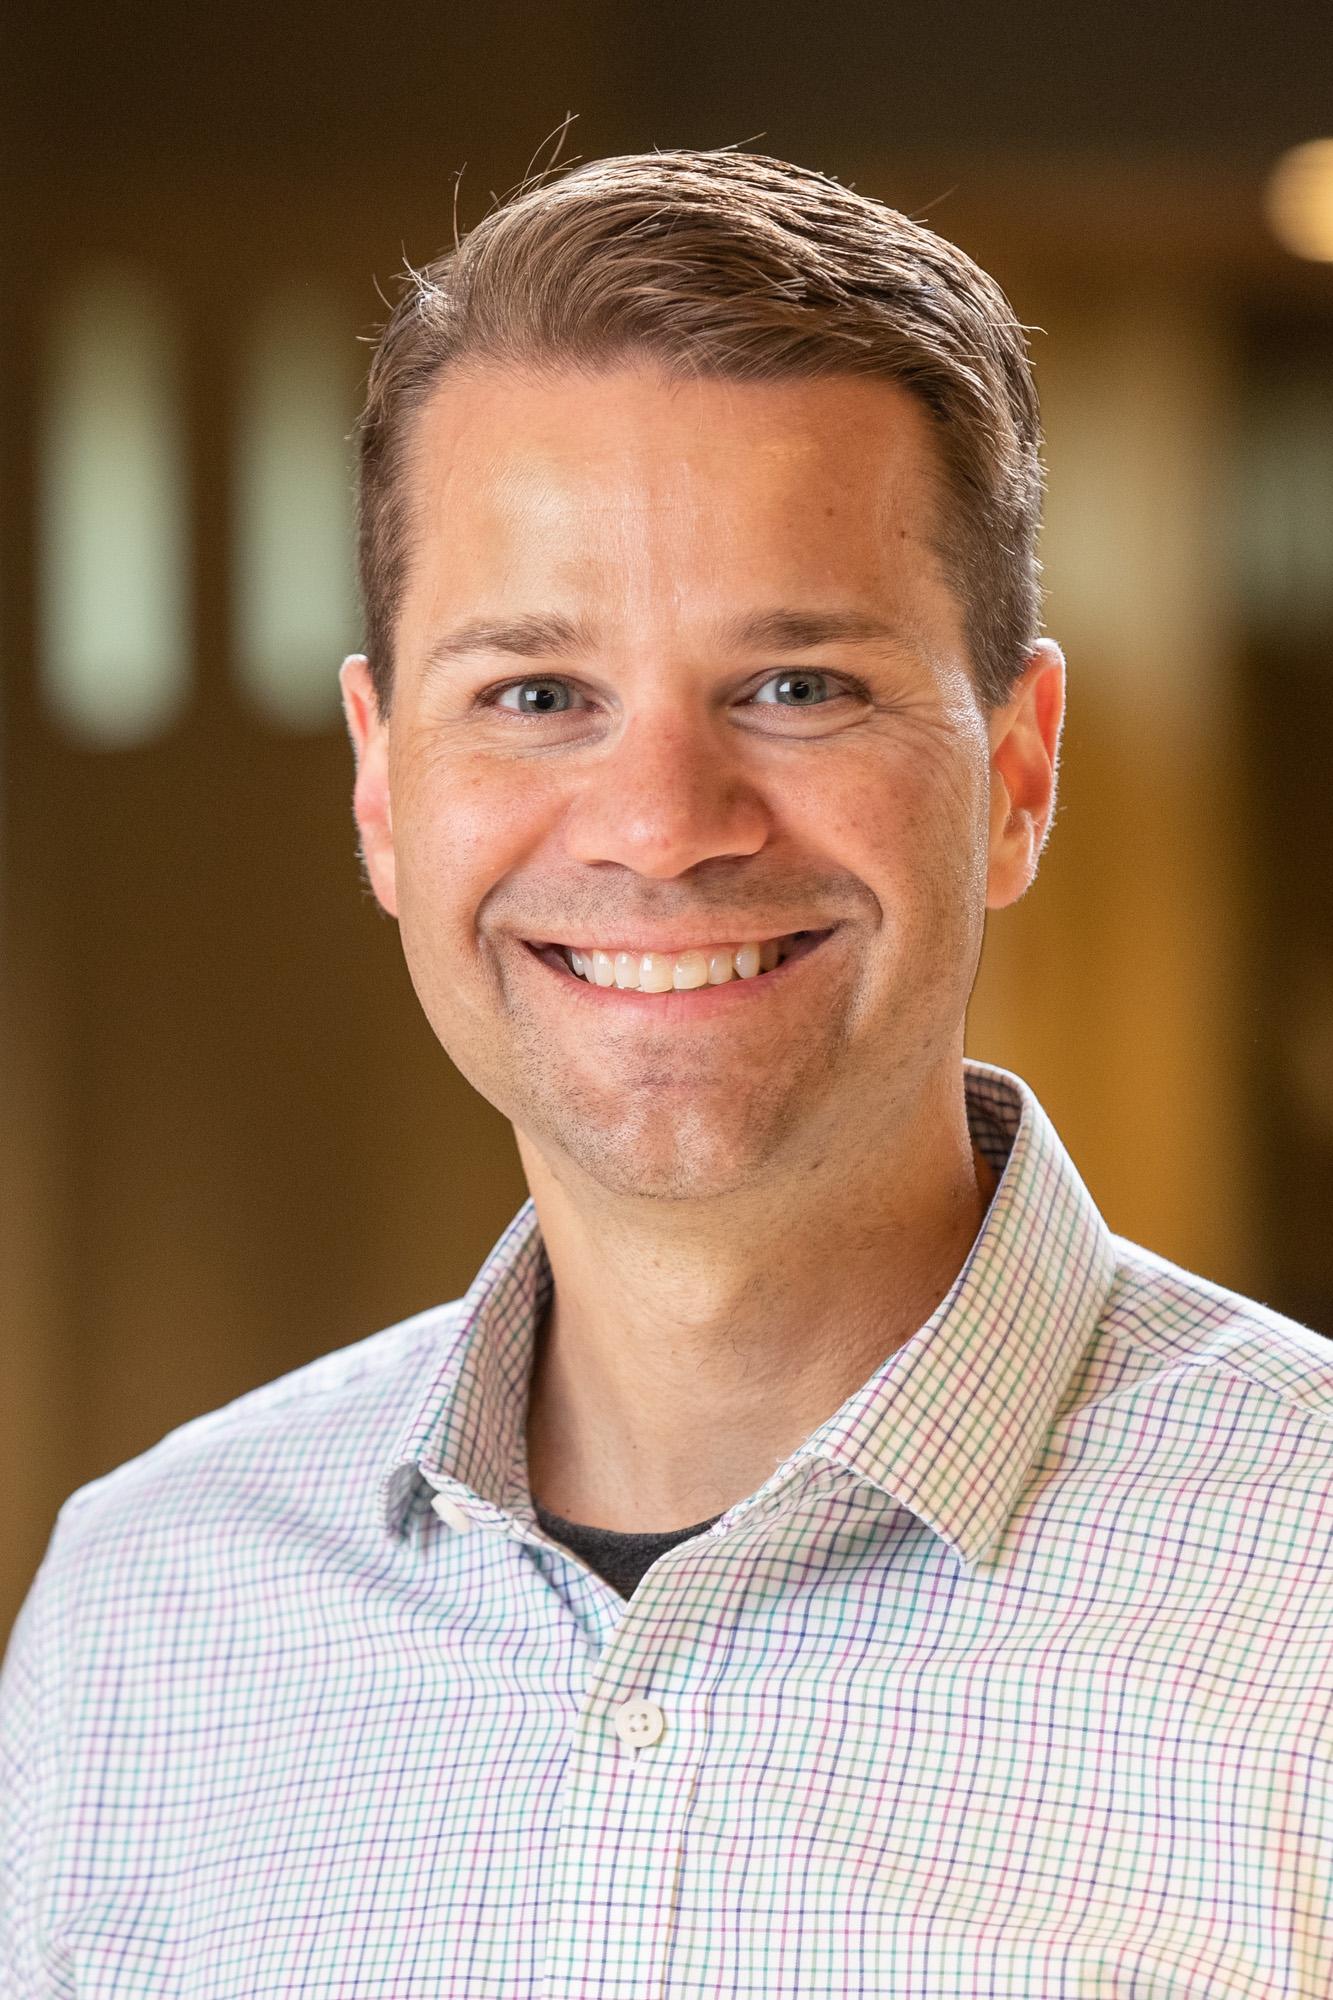 Dr. John Frawley